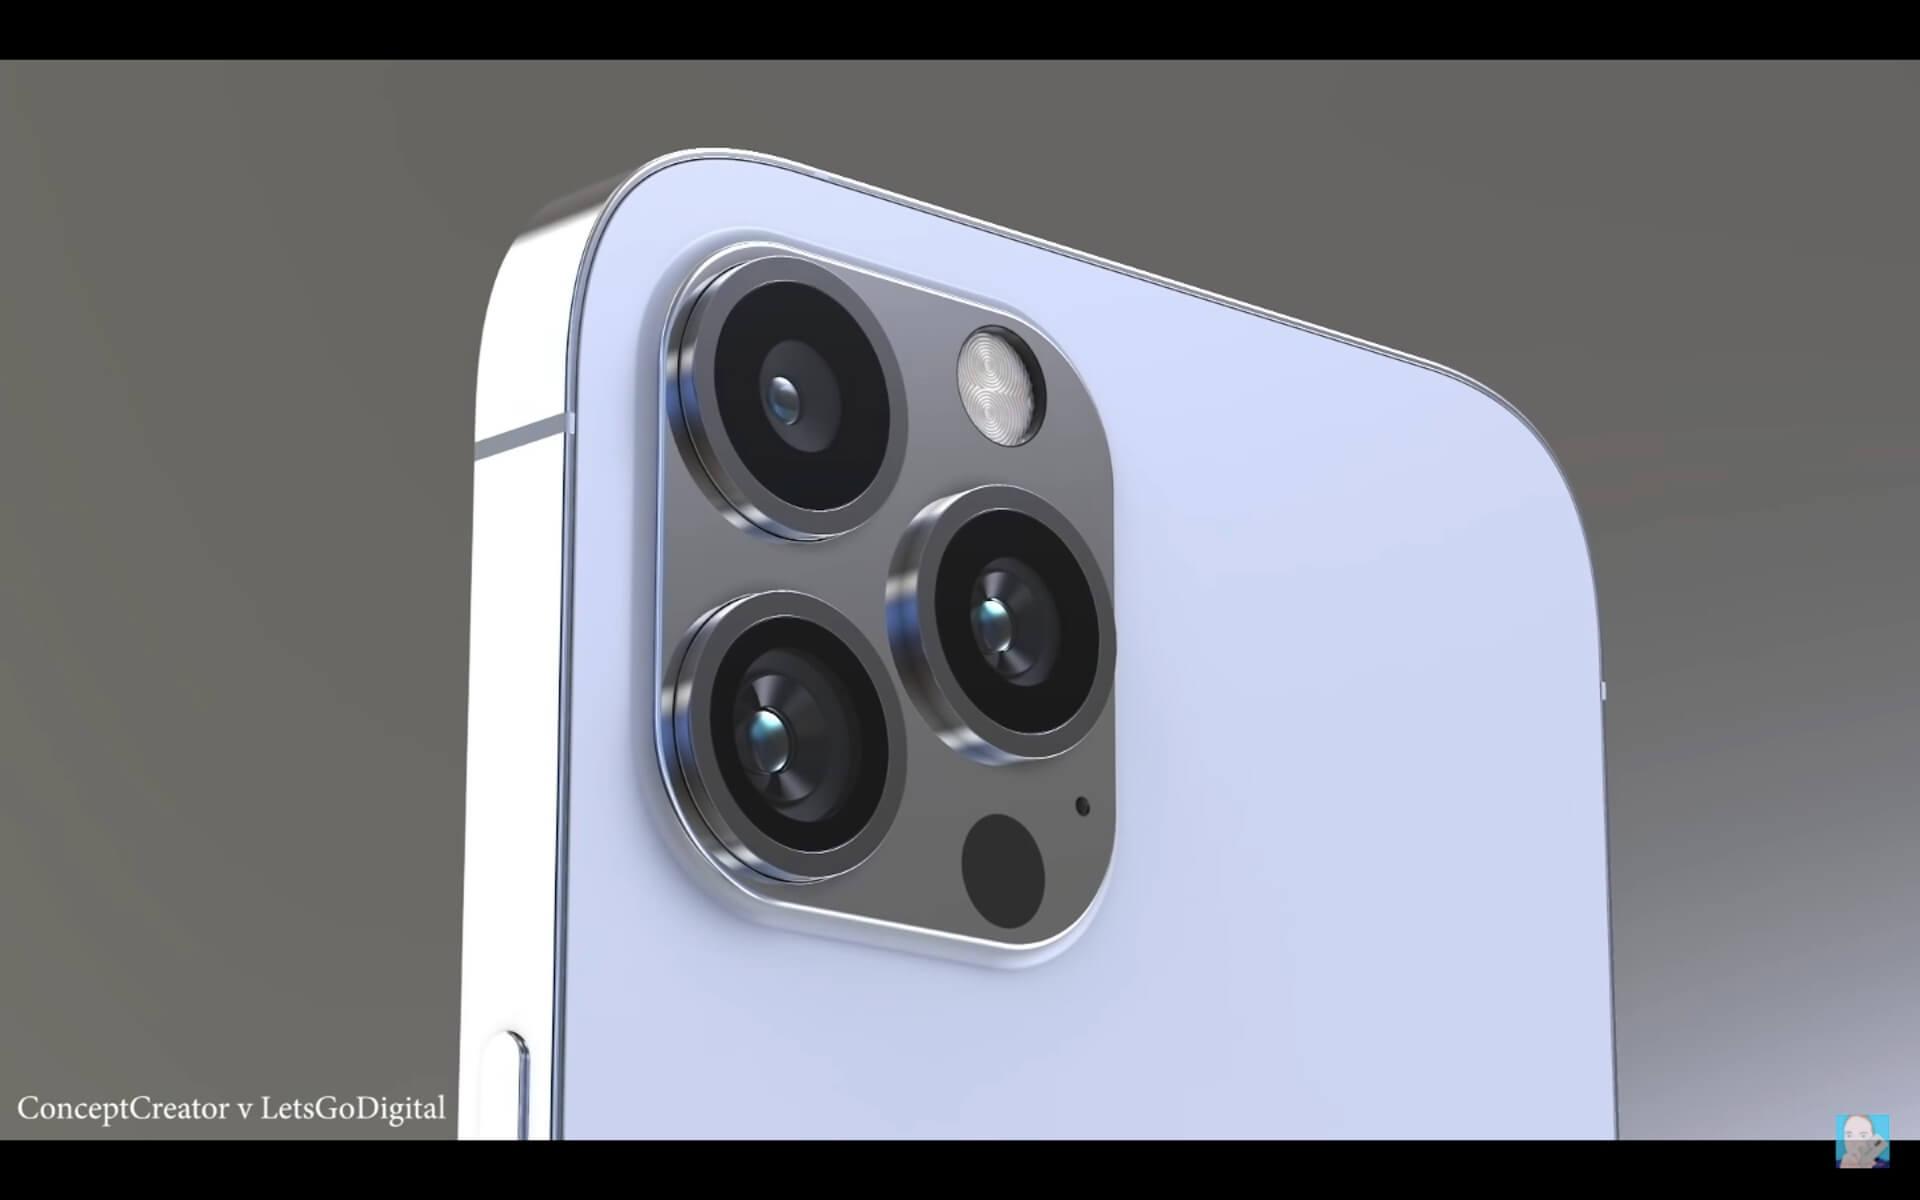 新型iPhoneのデザインはこうなる?リーク情報を基にしたコンセプト動画が公開 tech210201_iphone13_3